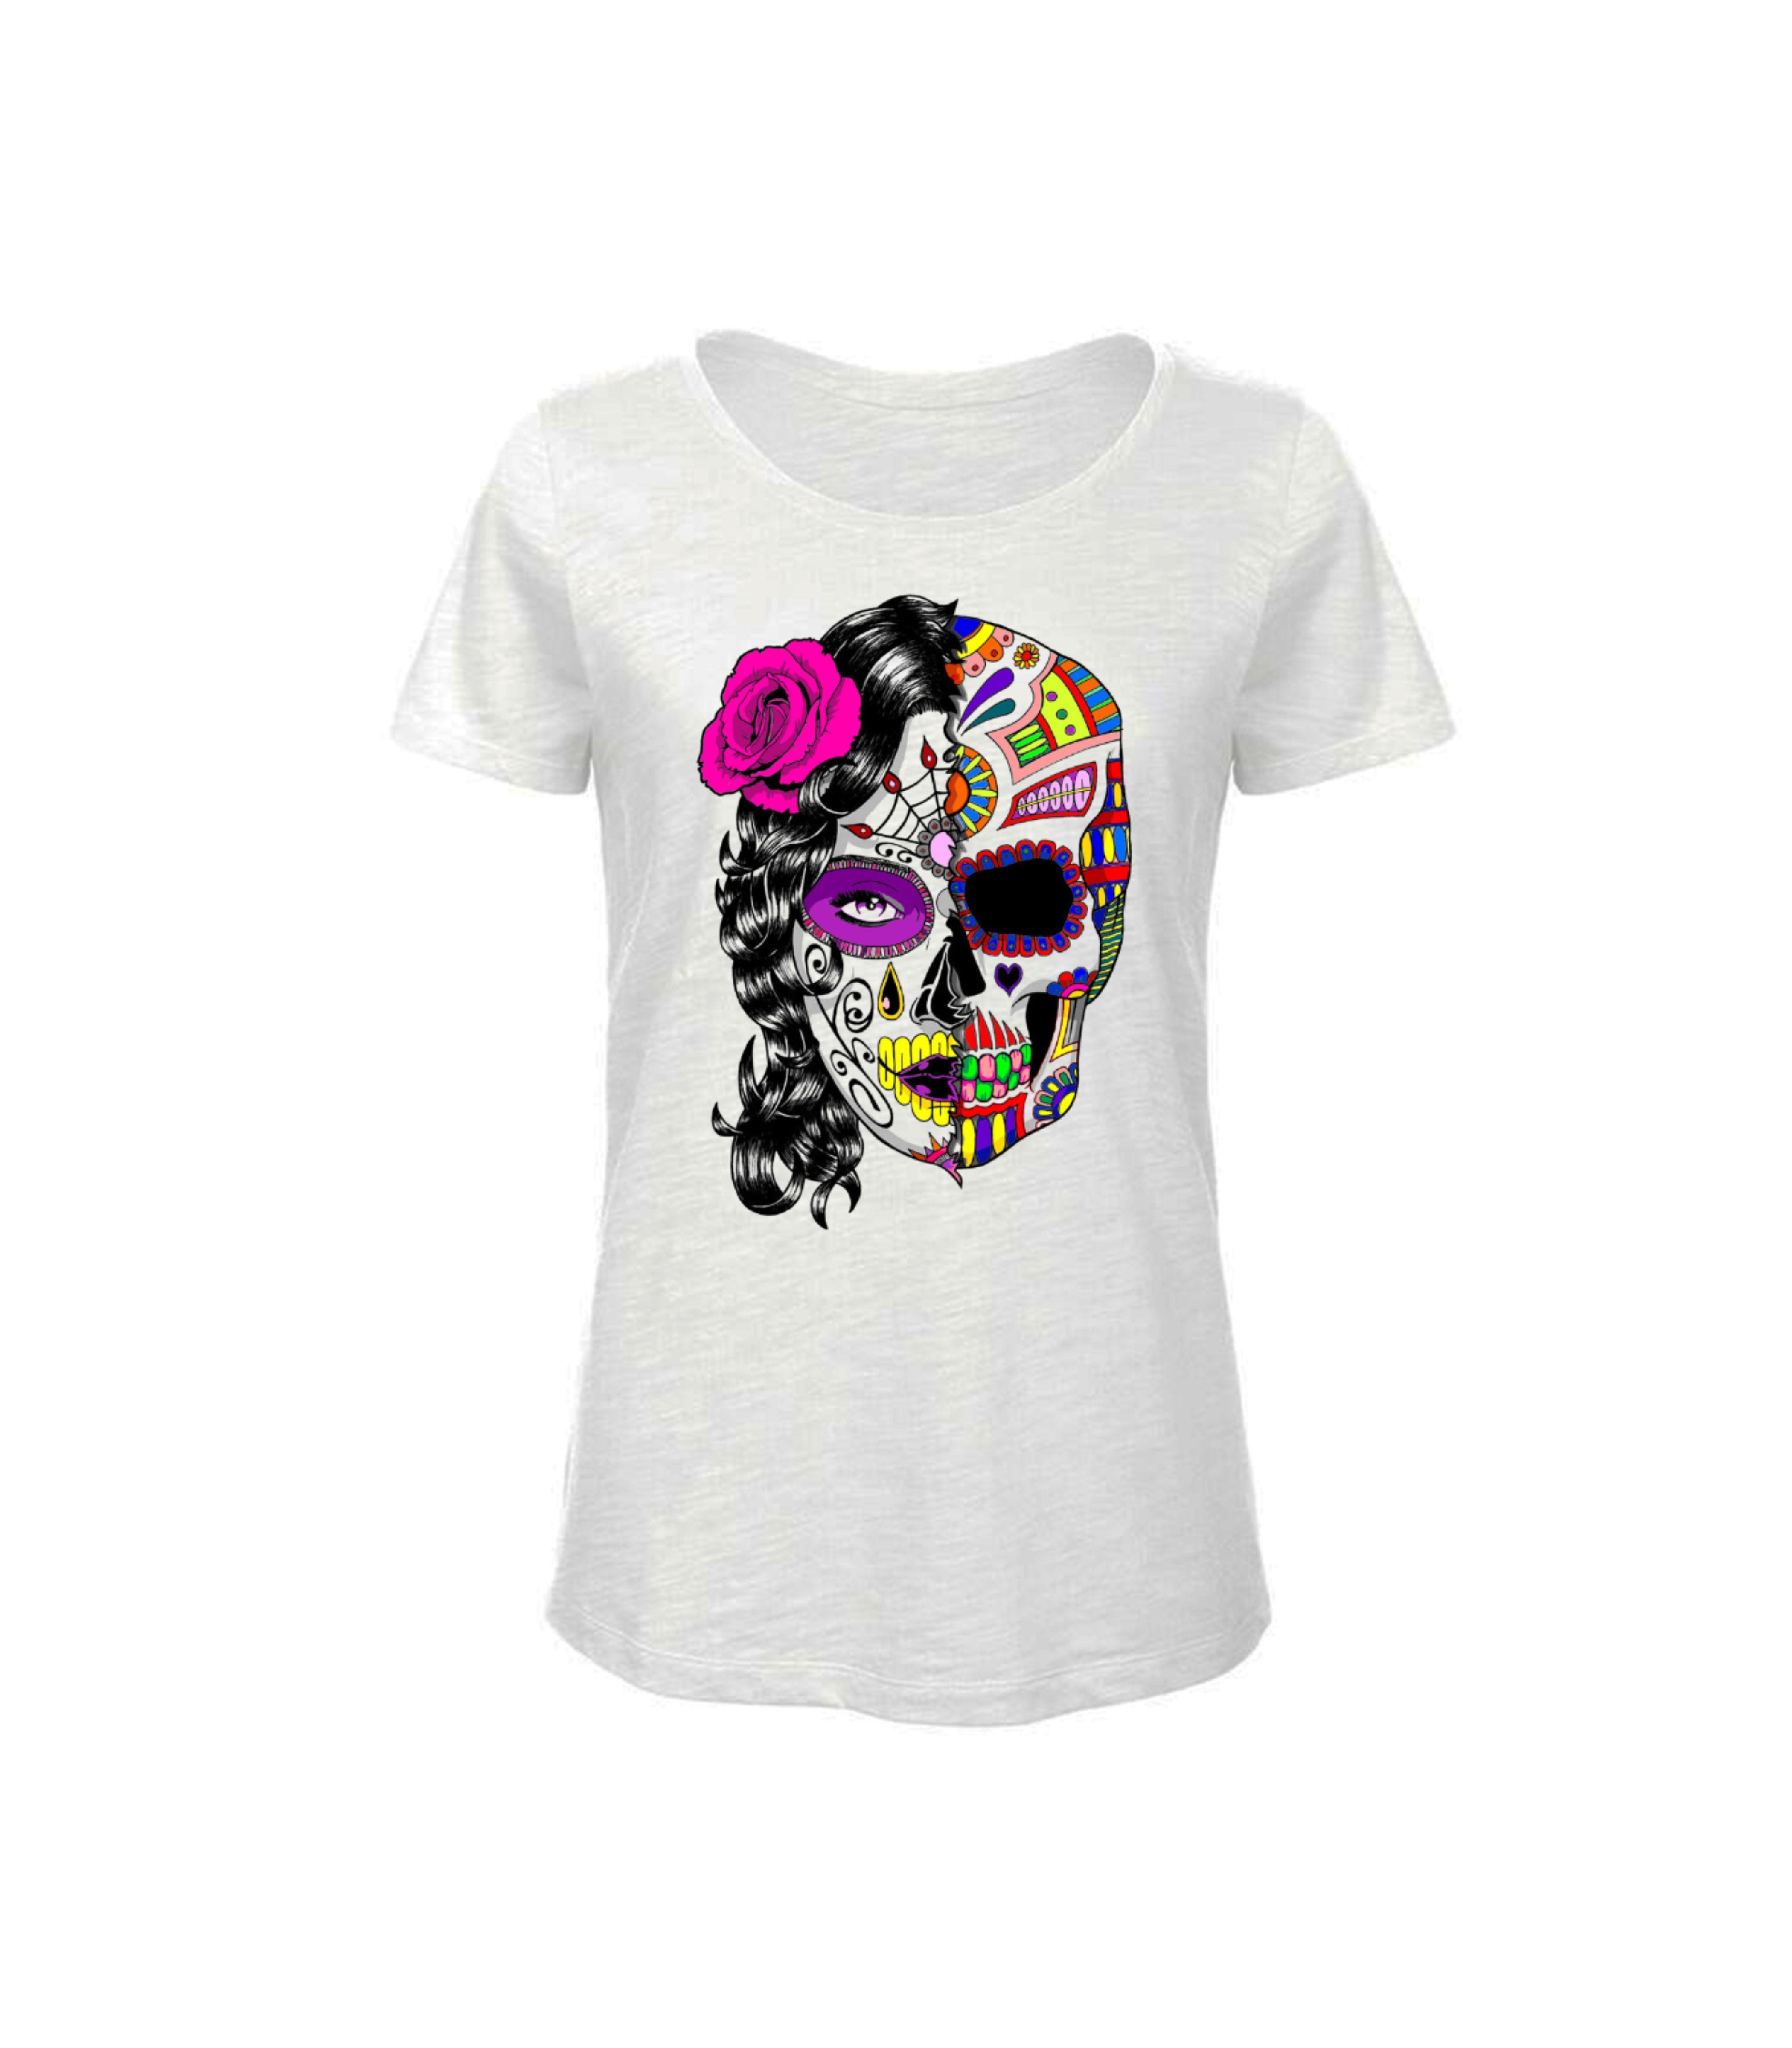 Épinglé sur Vêtements T-shirts Femme